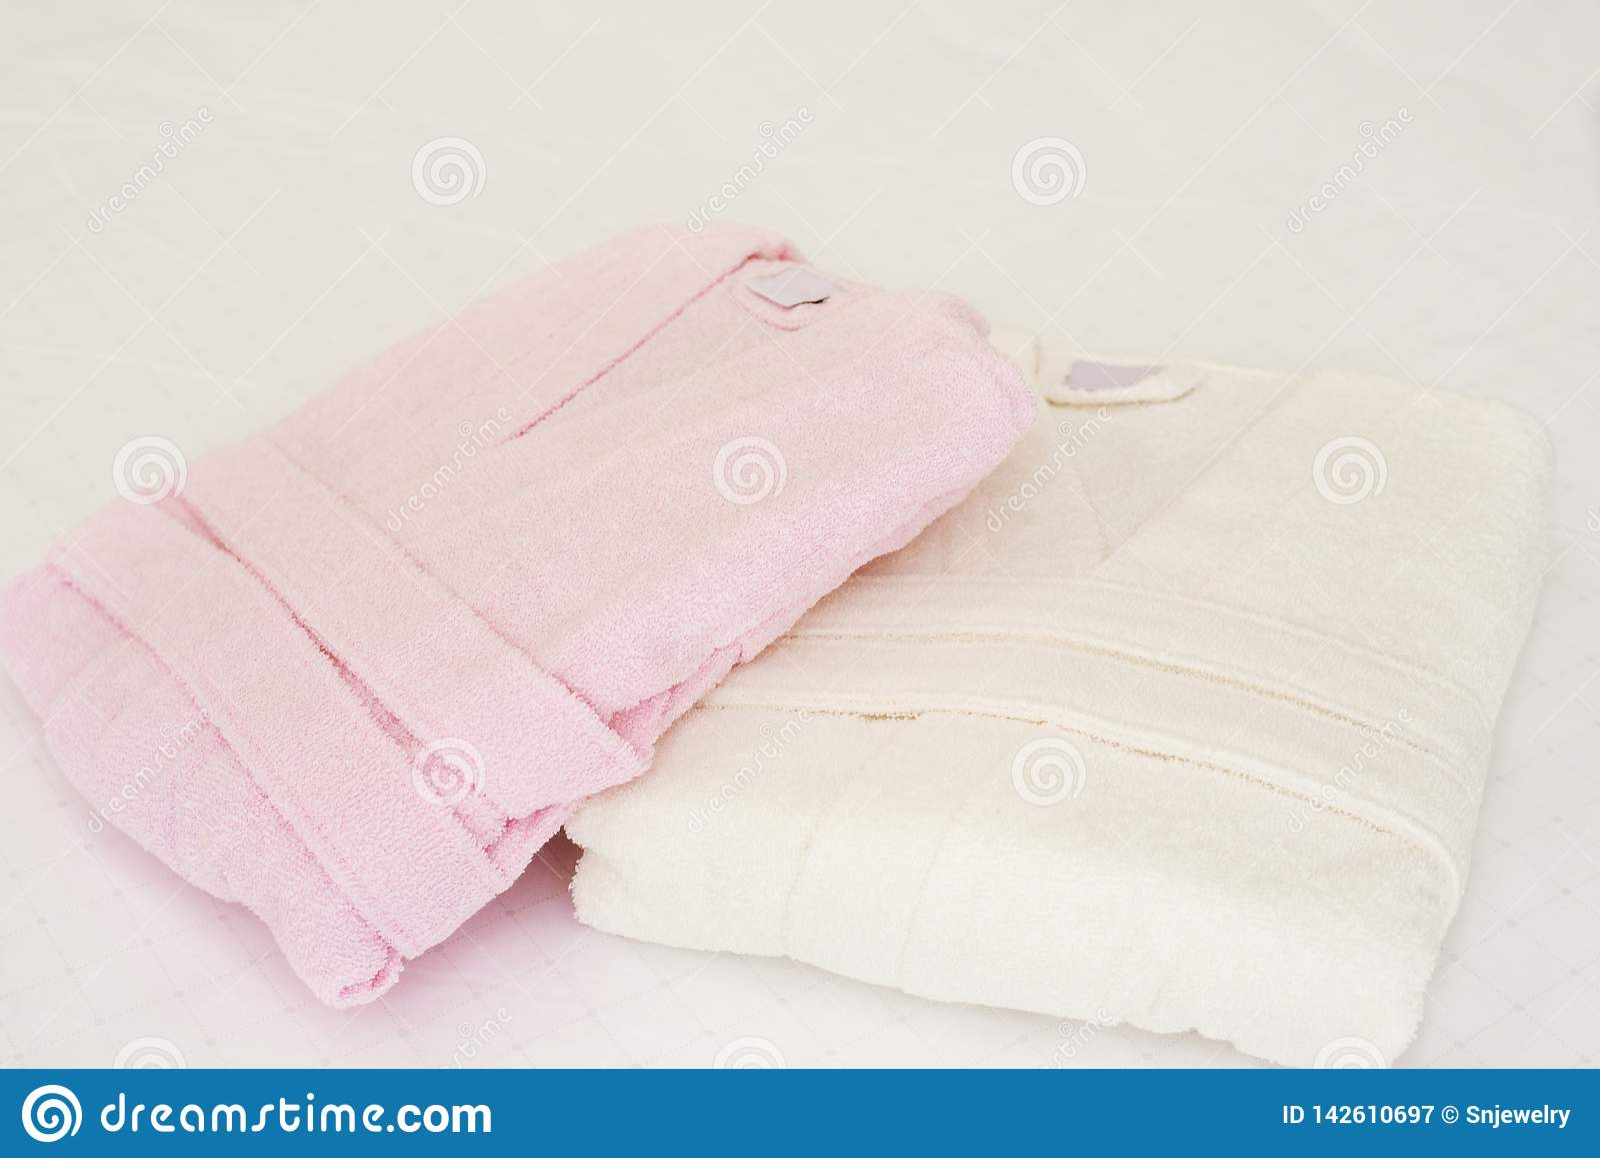 Gevouwen badjas op bed in ruimte Wit en roze, twee robes